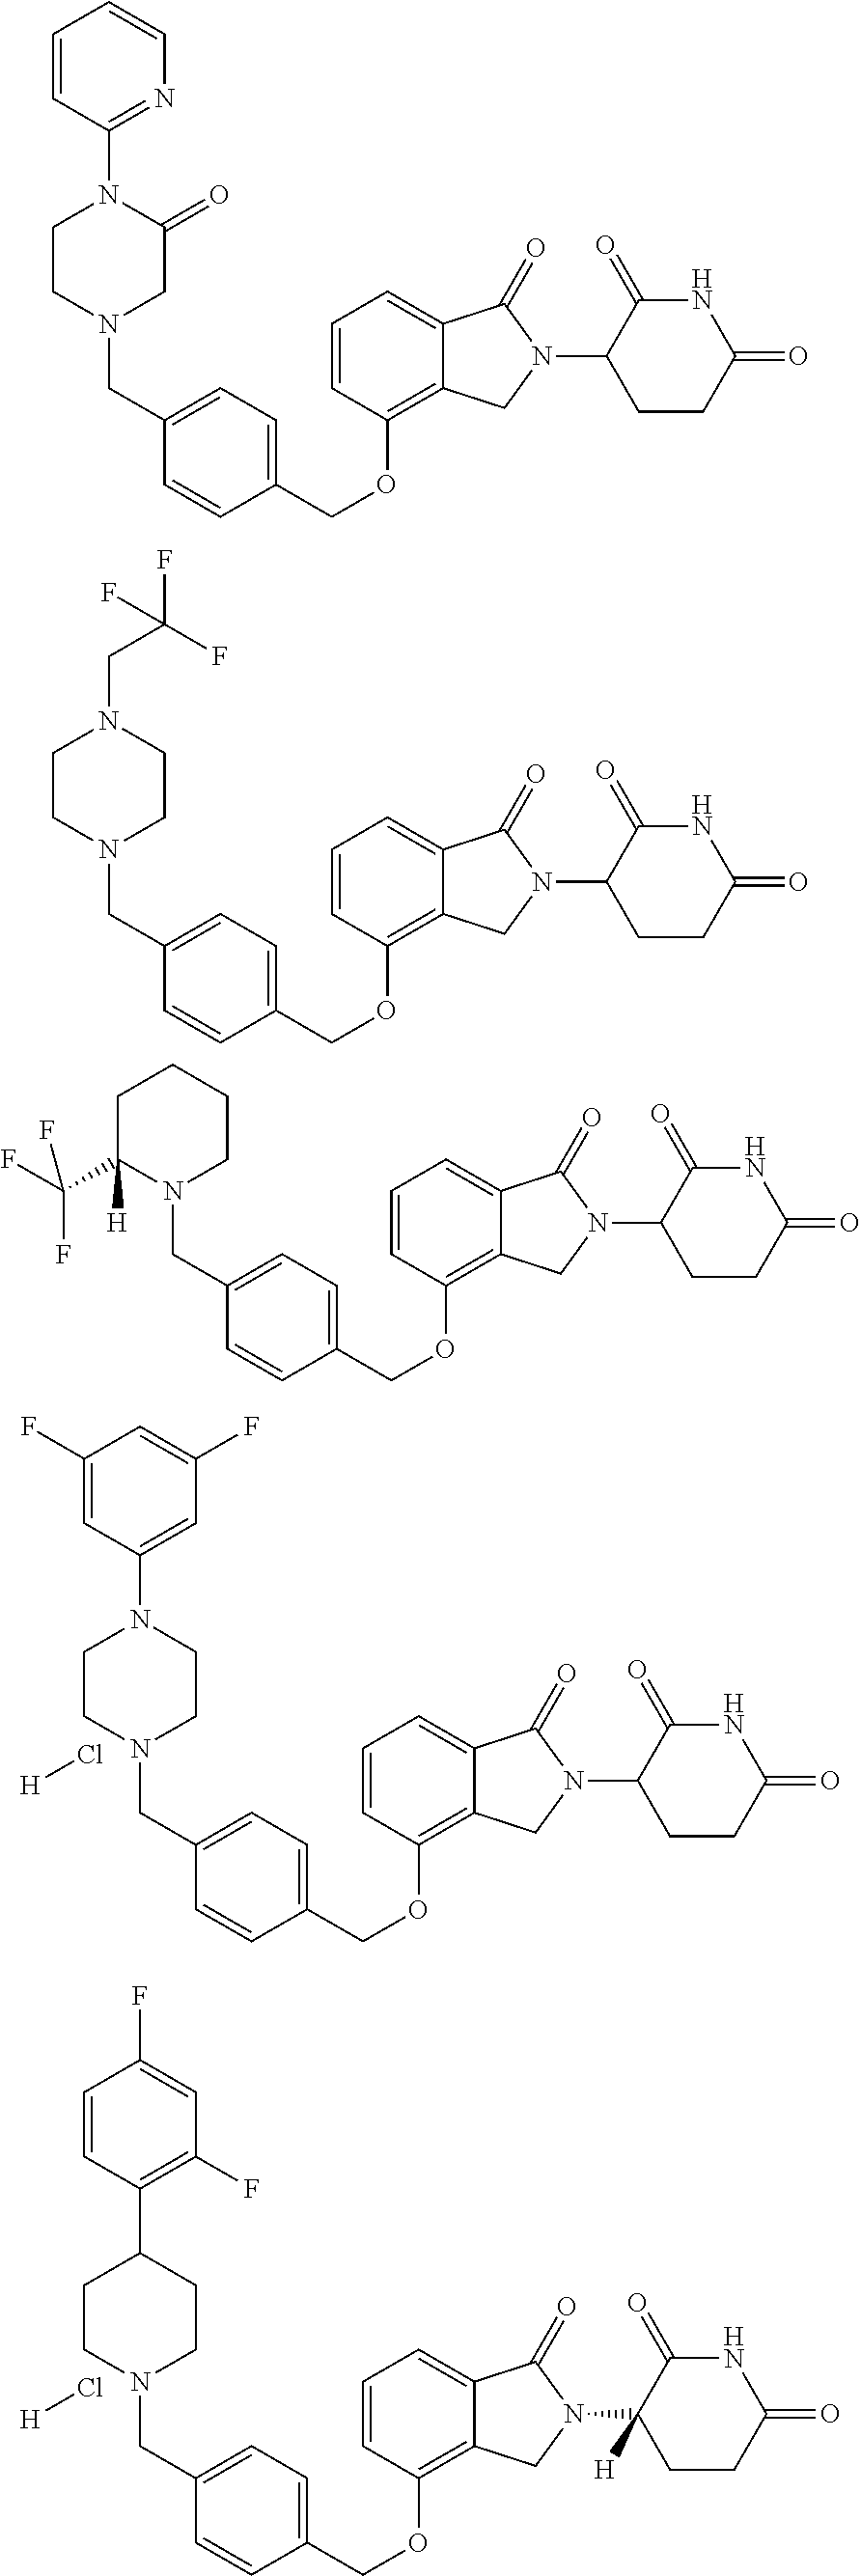 Figure US09822094-20171121-C00047